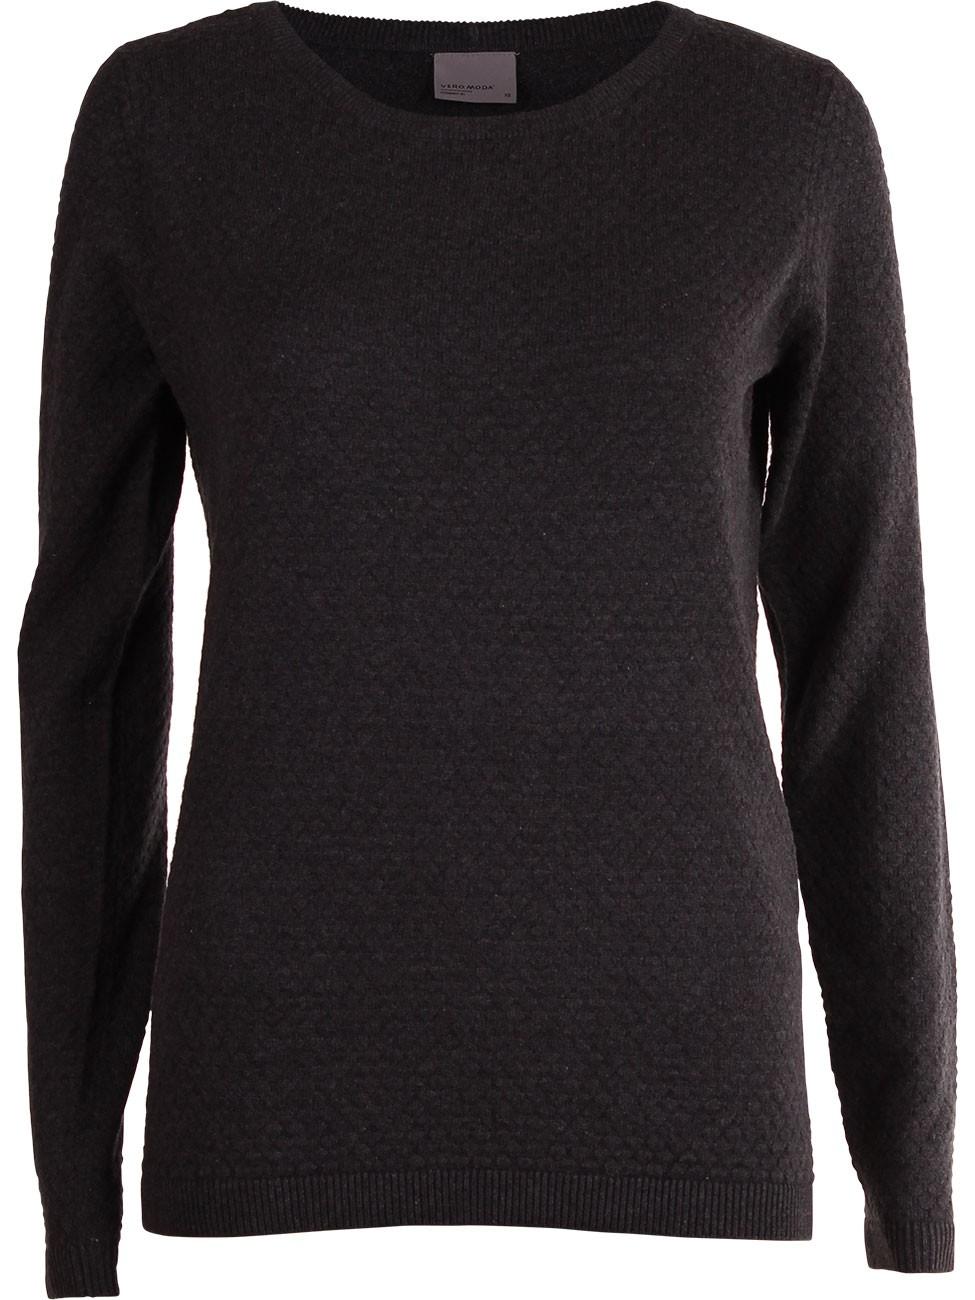 Vero Moda Damen Pullover VMCARE STRUCTURE